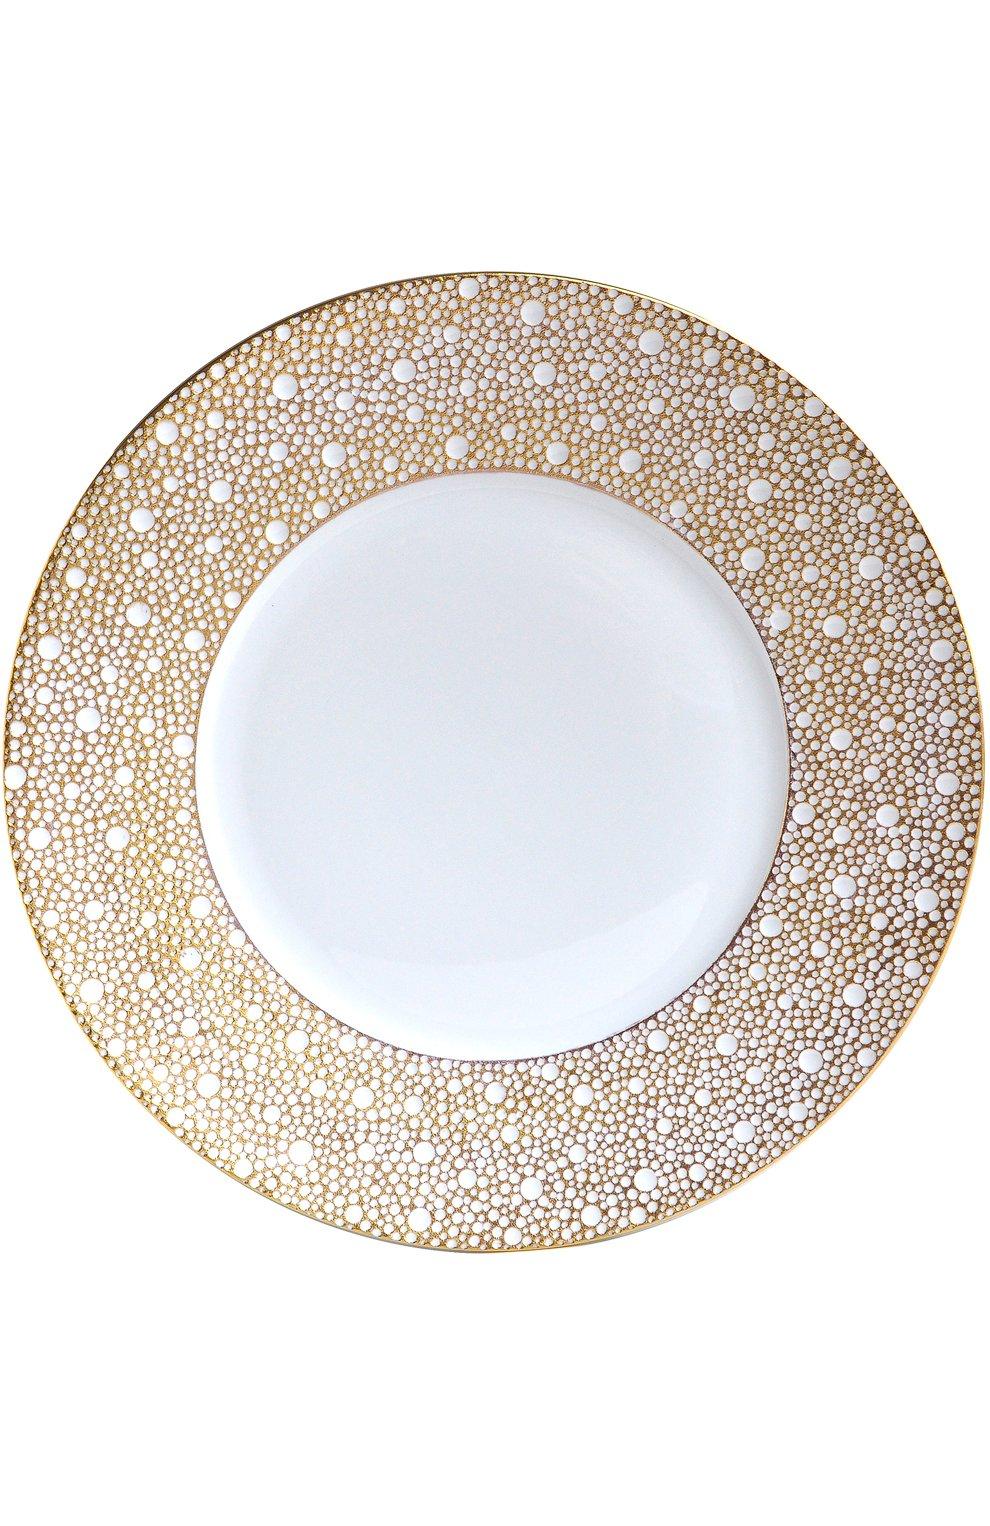 Мужского салатная тарелка ecume mordore BERNARDAUD белого цвета, арт. 1721/17   Фото 1